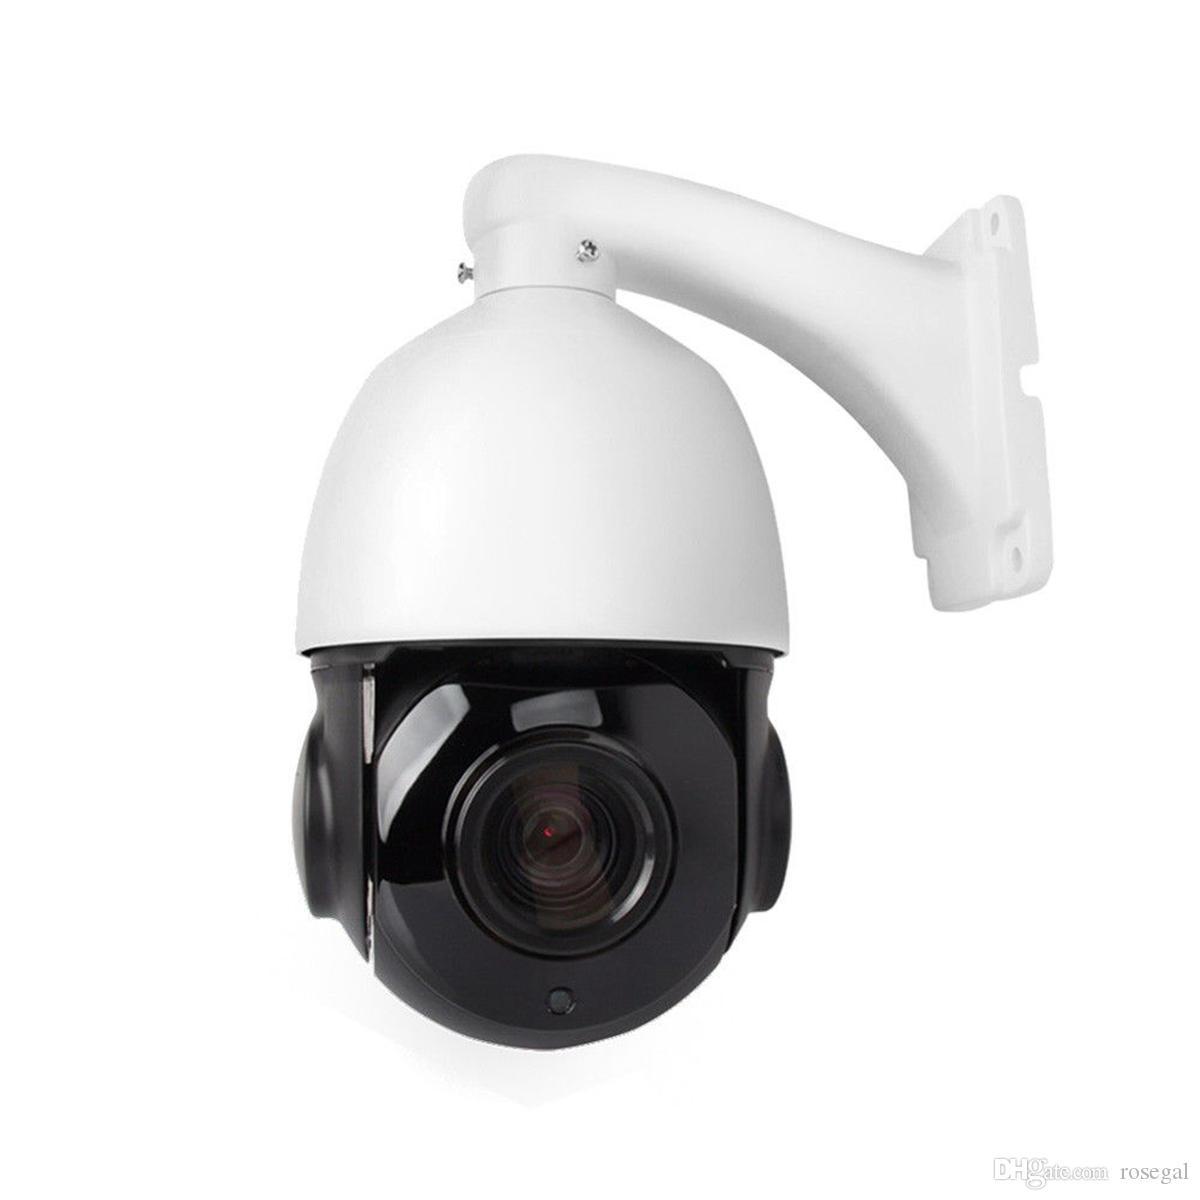 كاميرا 1080P 30X التكبير WIFI POE 2.0MP PTZ IP PanTilt سرعة قبة الكاميرا الصوت للماء الأمن الرئيسية كاميرات - الاتحاد الأوروبي قابس